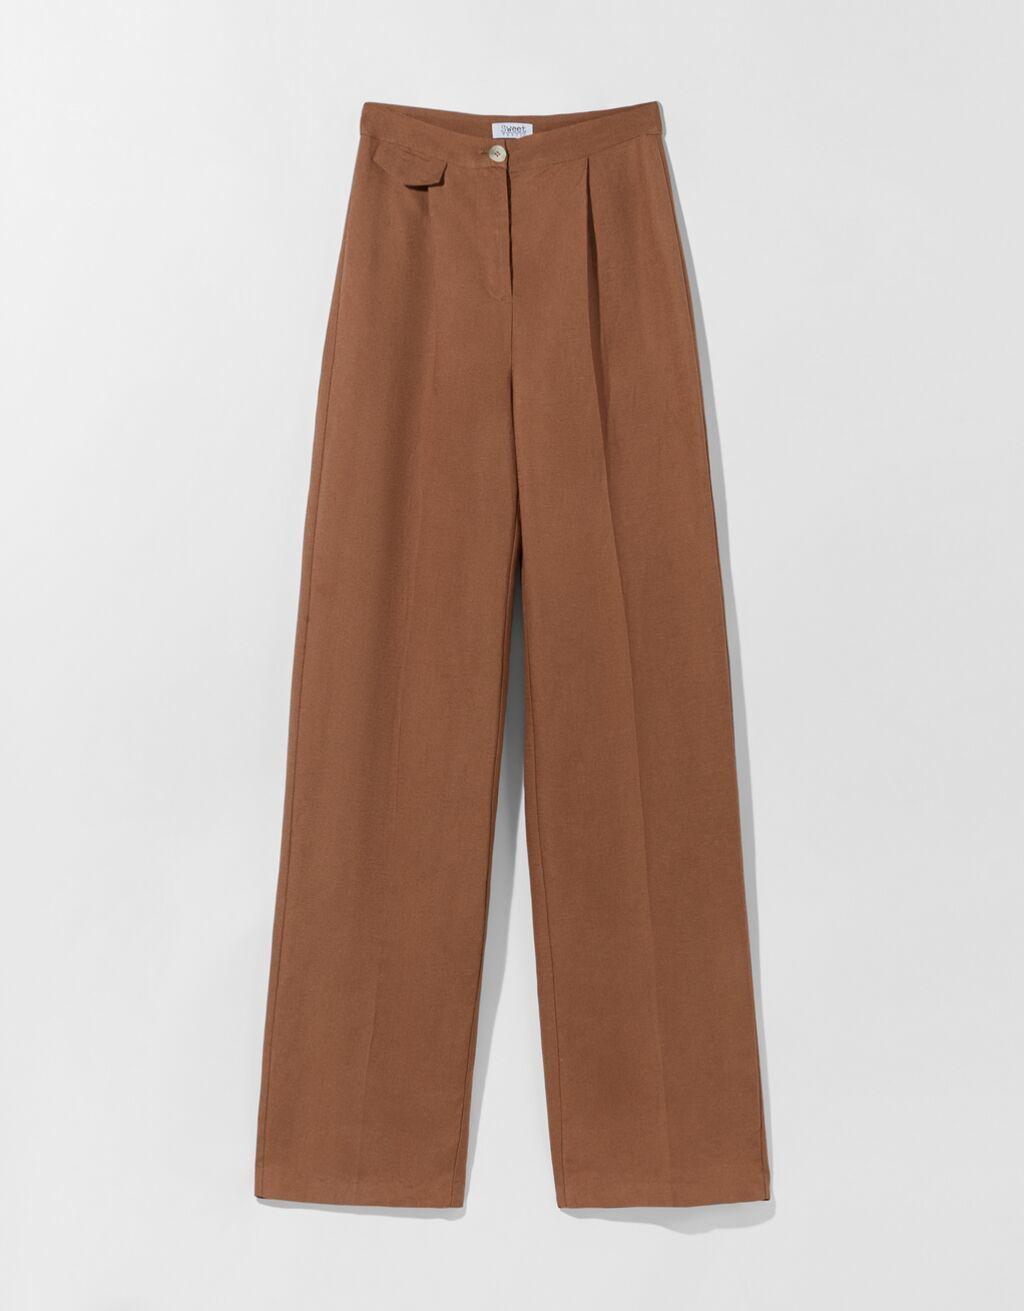 Pantalón de pata ancha en color marrón chocolate